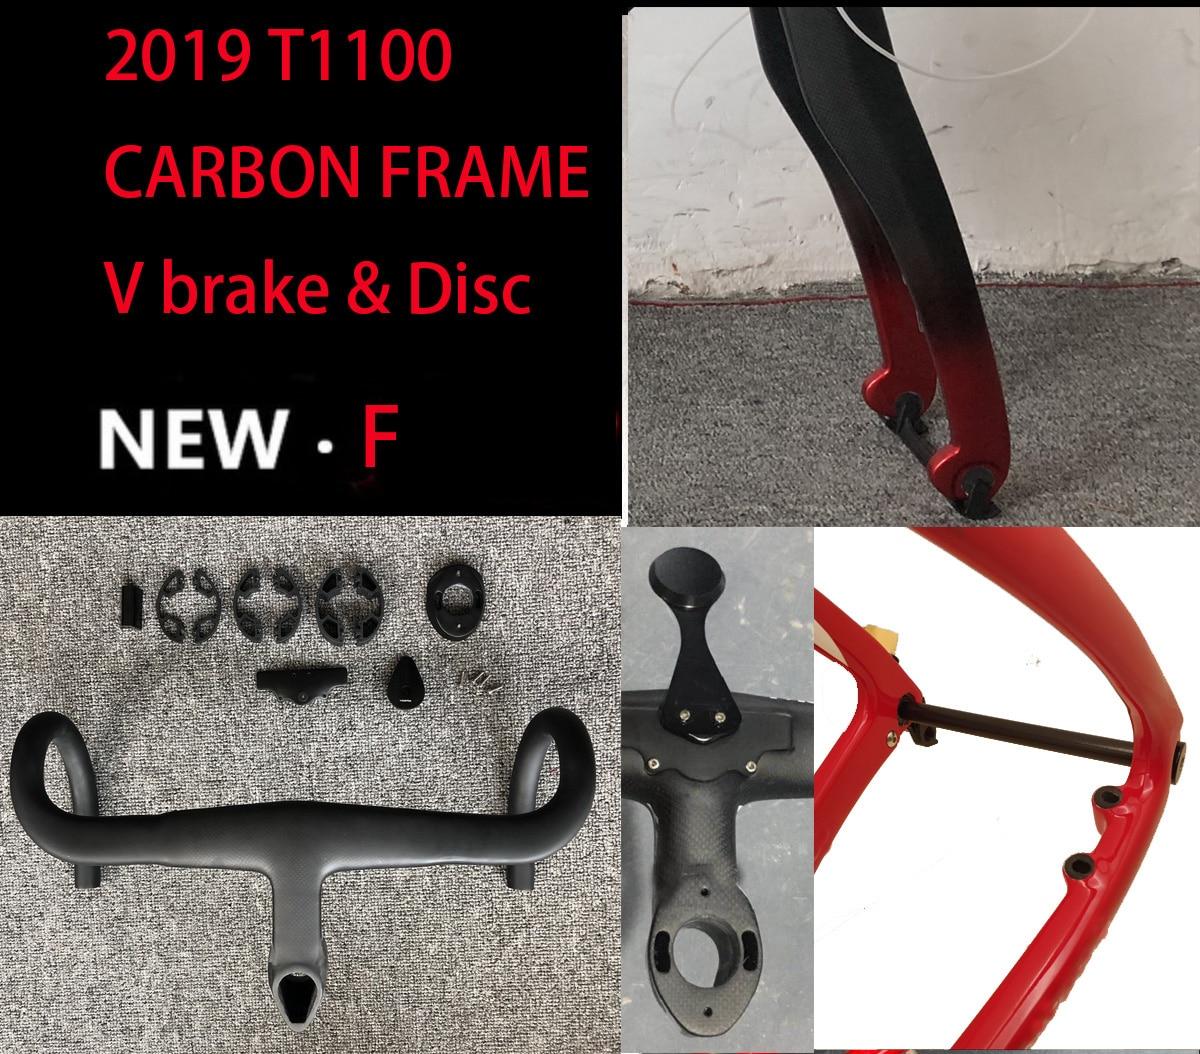 2019 T1100 cadre de route en carbone 3k 1K cadre de bicyclette disque en carbone à travers l'essieu cadre de route bicicleta cadre de vélo en carbone bici velo